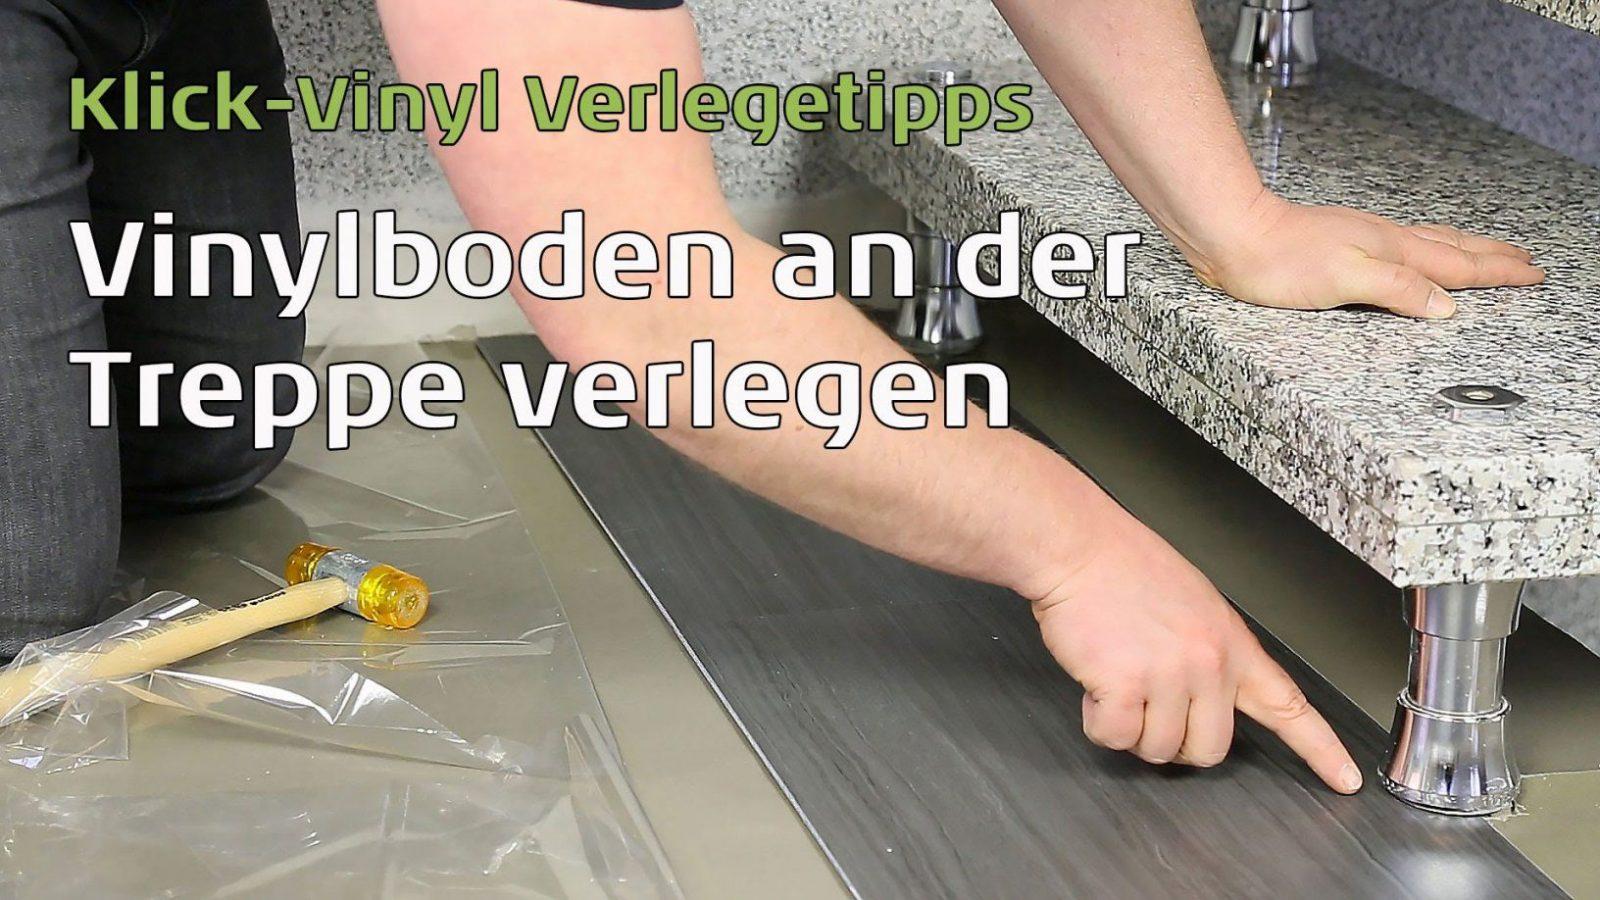 Vinylboden An Der Treppe Verlegen  Youtube von Klick Vinyl Auf Fliesen Verlegen Photo